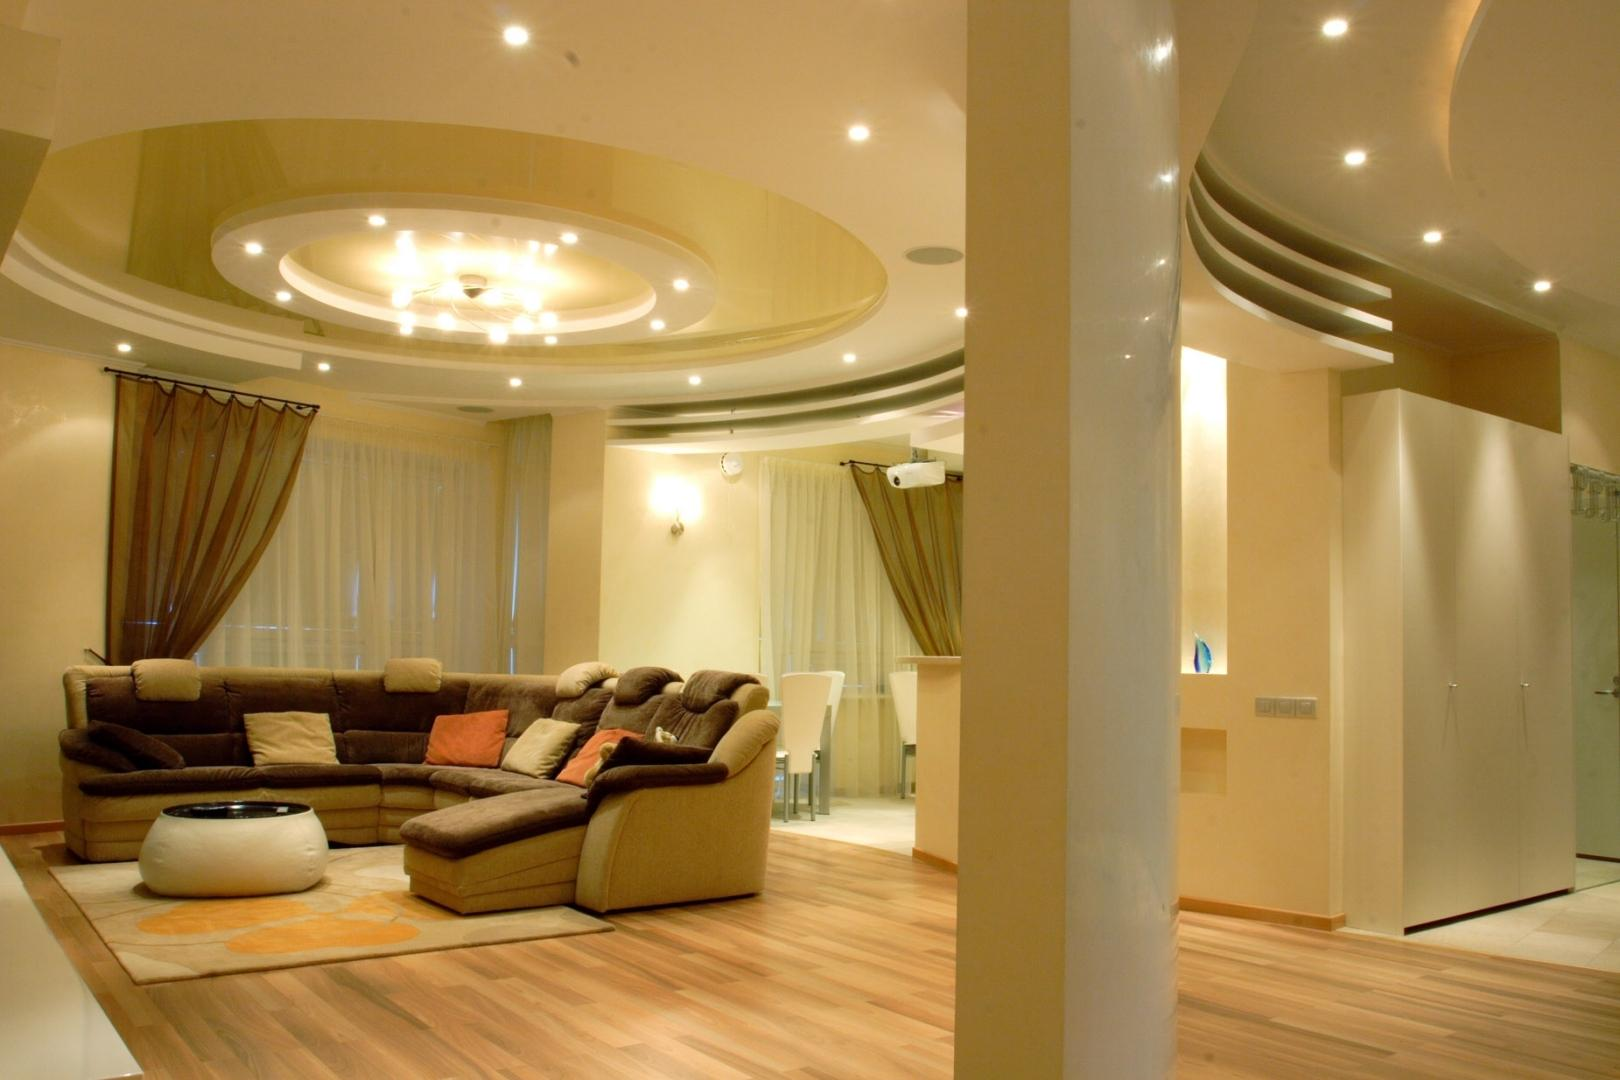 многоуровневые потолки из гипсокартона фото в зале есть